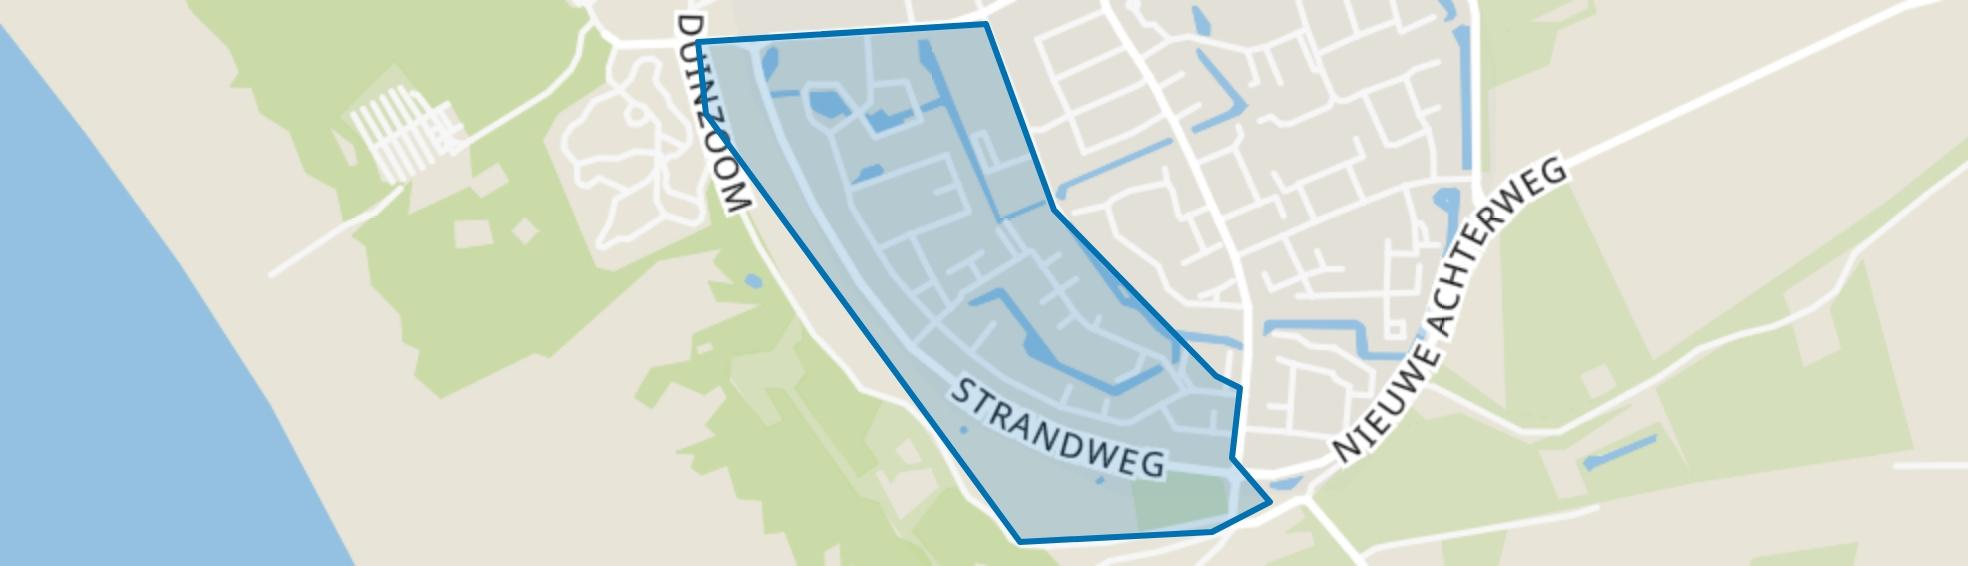 Nieuw gebied, Rockanje map